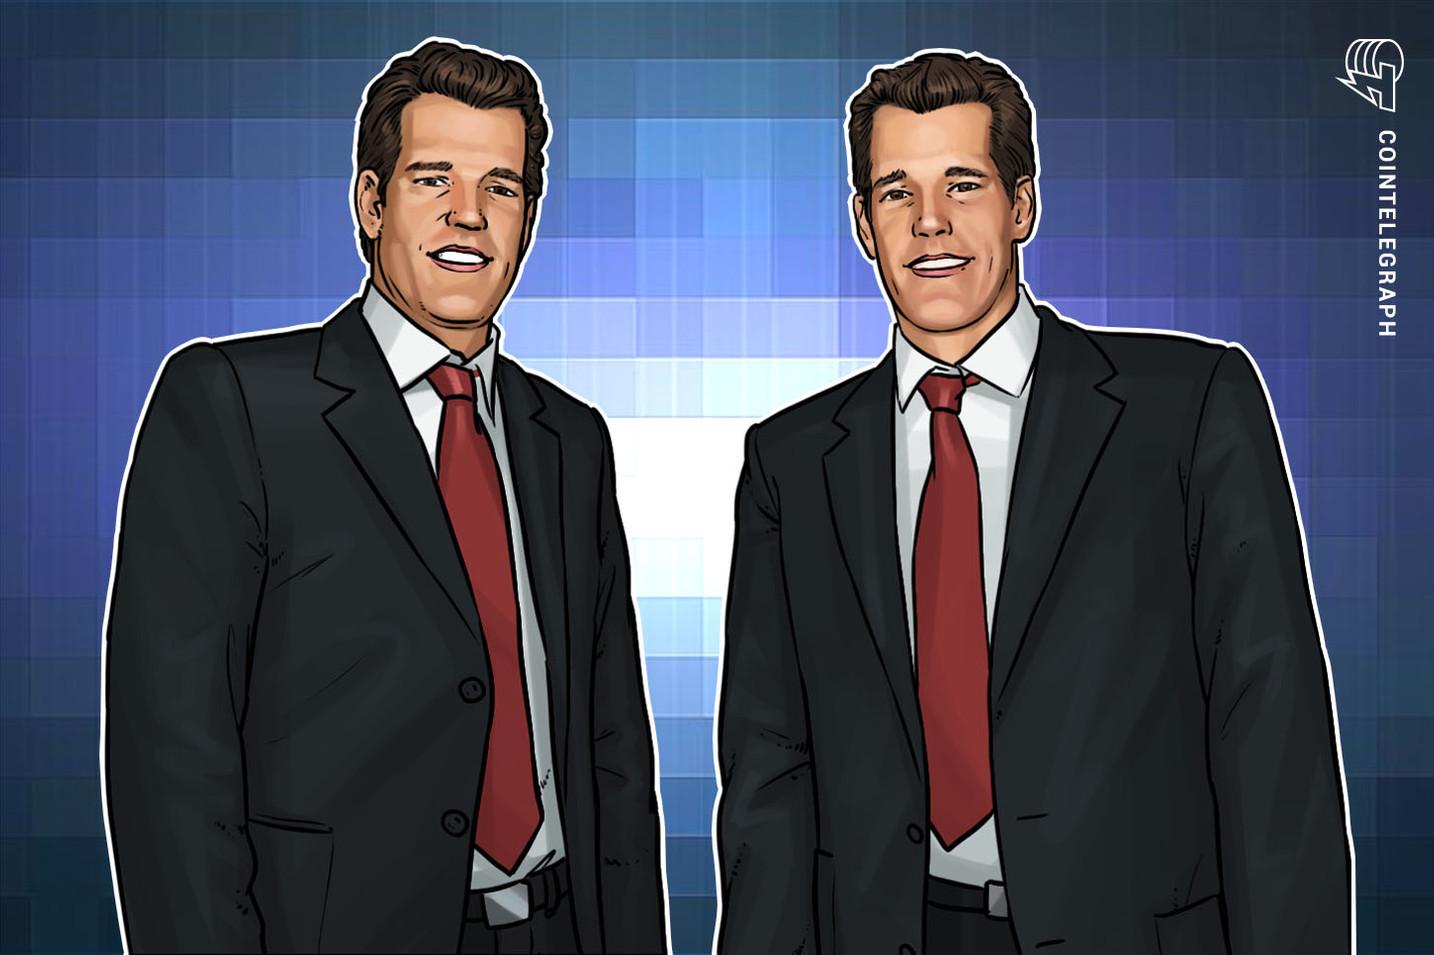 Robert Cornish, il vecchio Chief Information Officer del NYSE, si unisce all'exchange di criptovalute Gemini